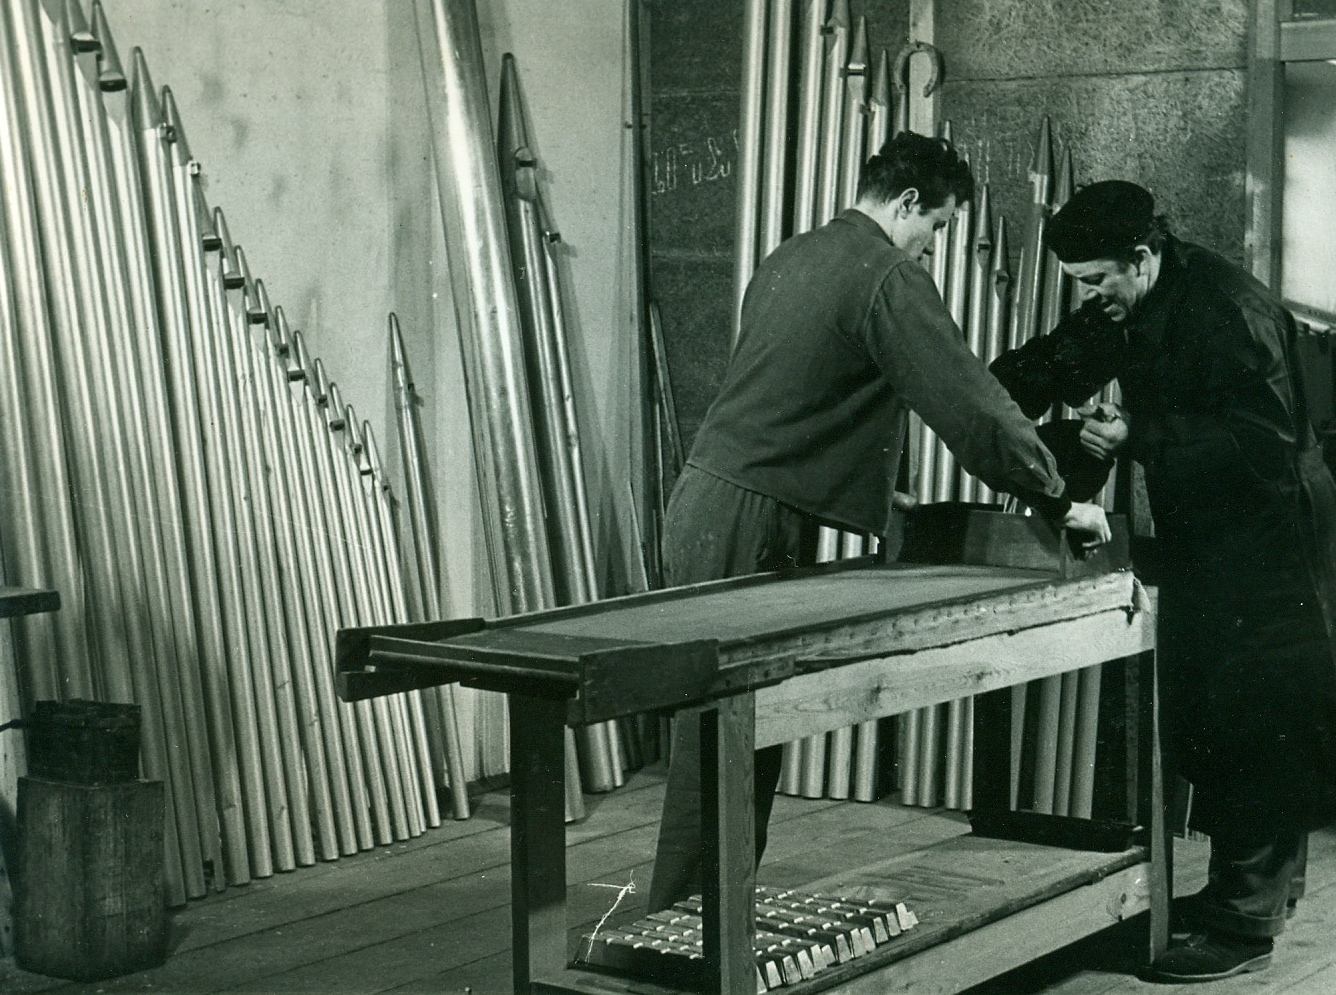 Gregor Hradetzky II. und Lehrling beim Gieszlig;en von Zinnplatten